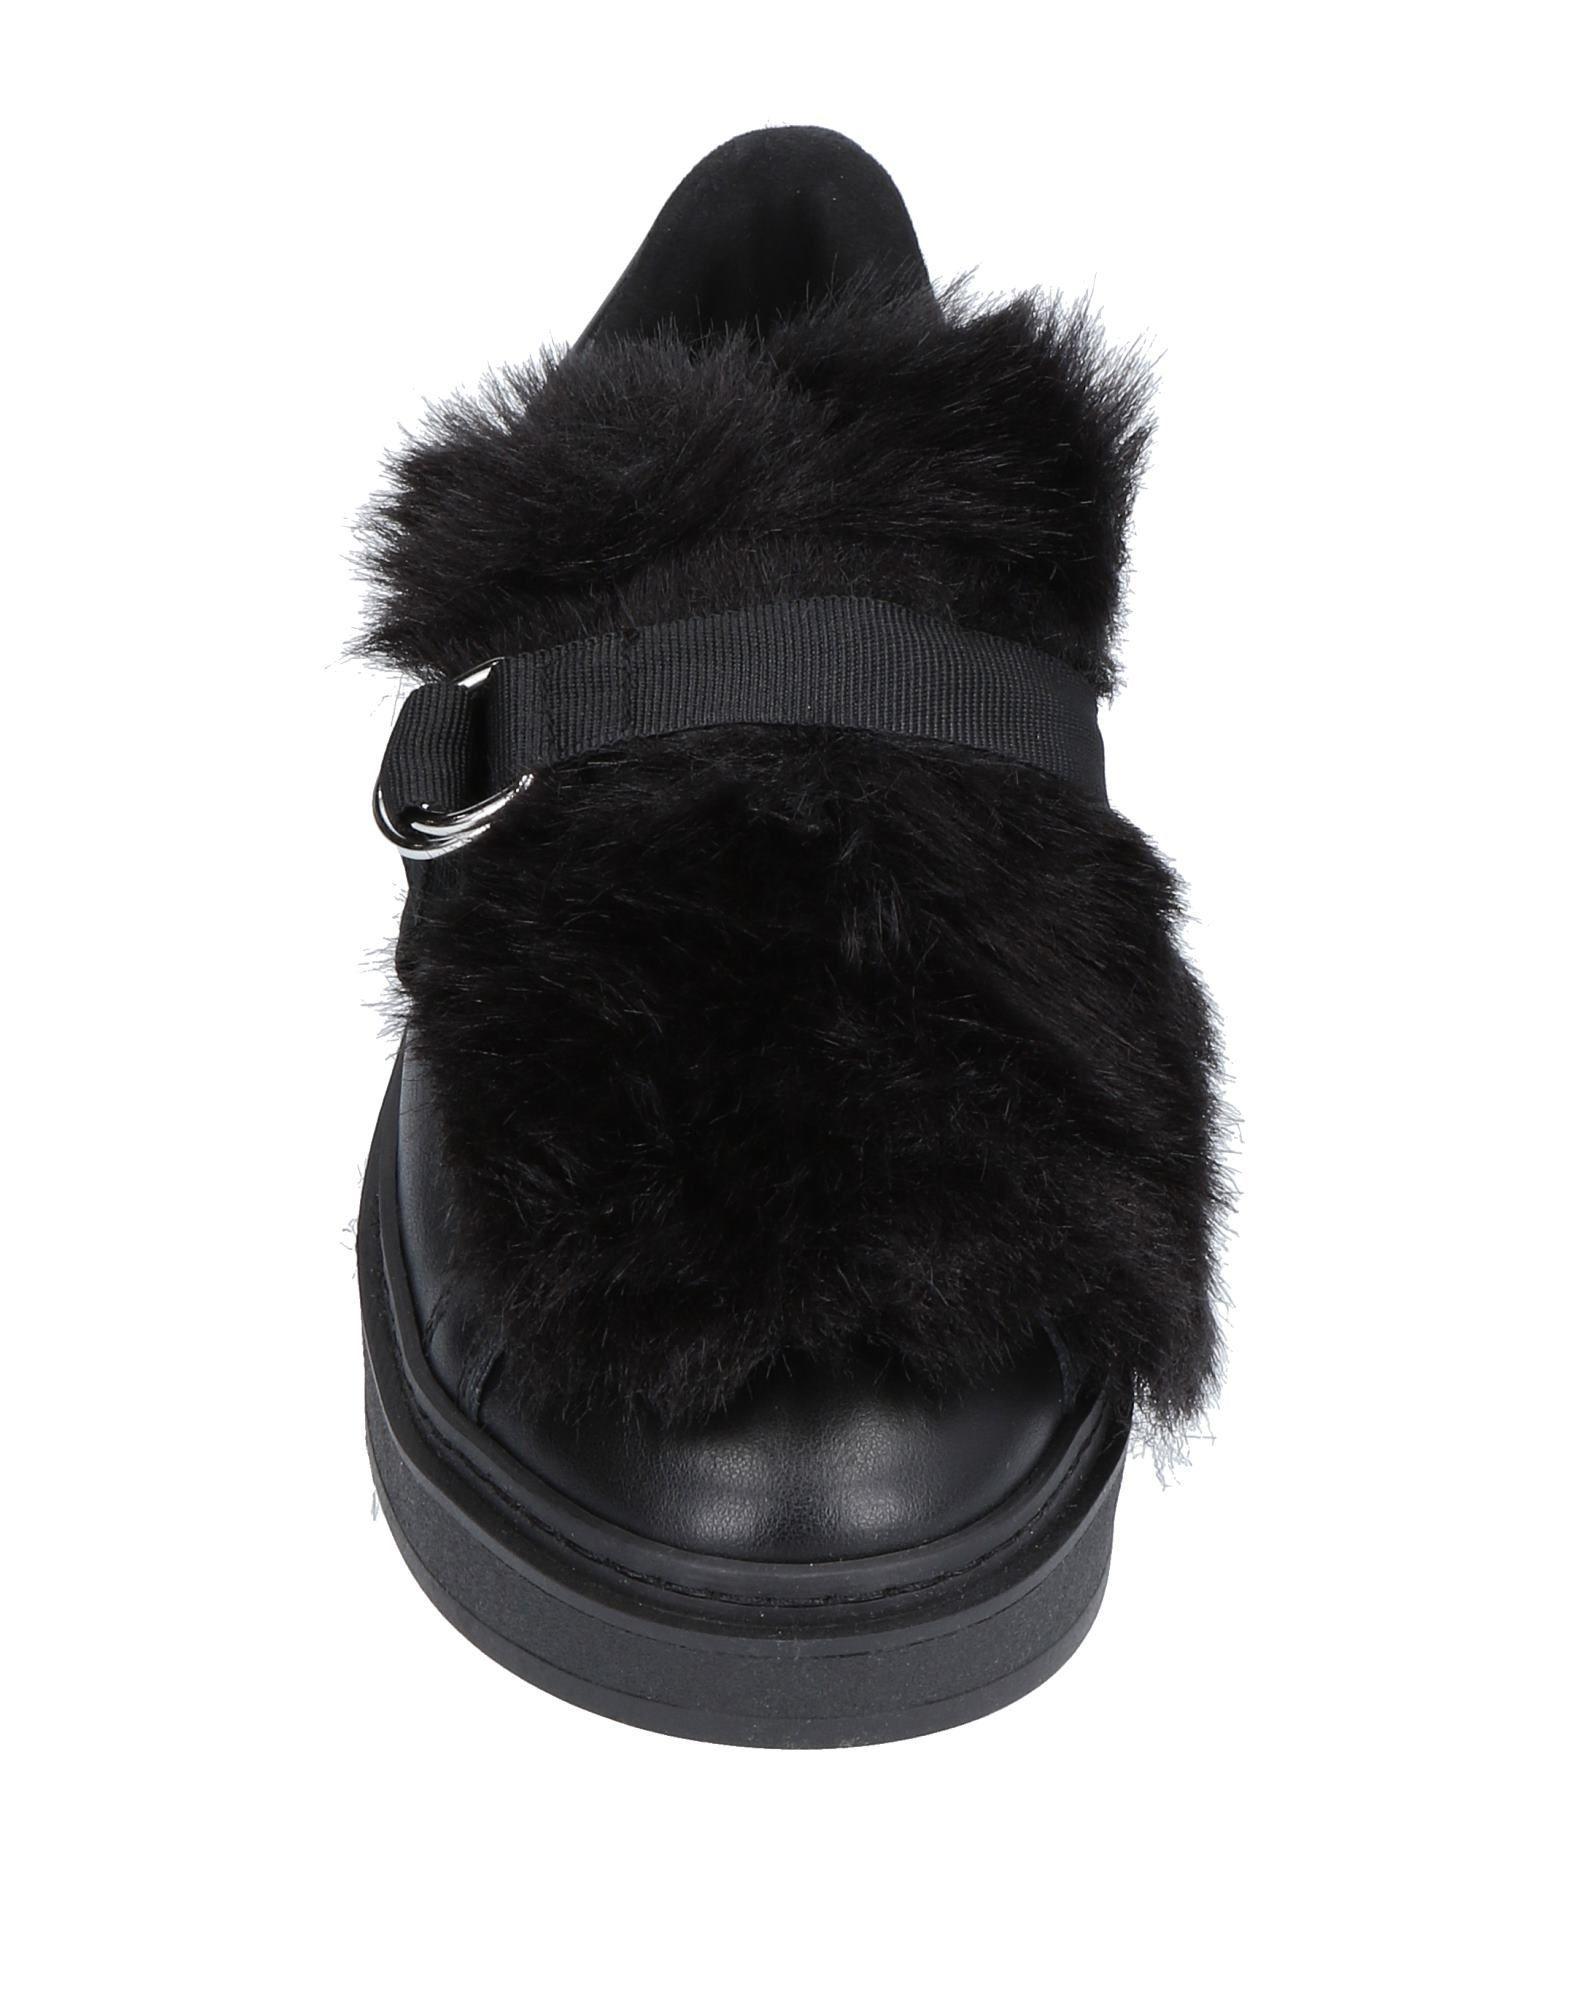 Liu Jo Black Leather Flats